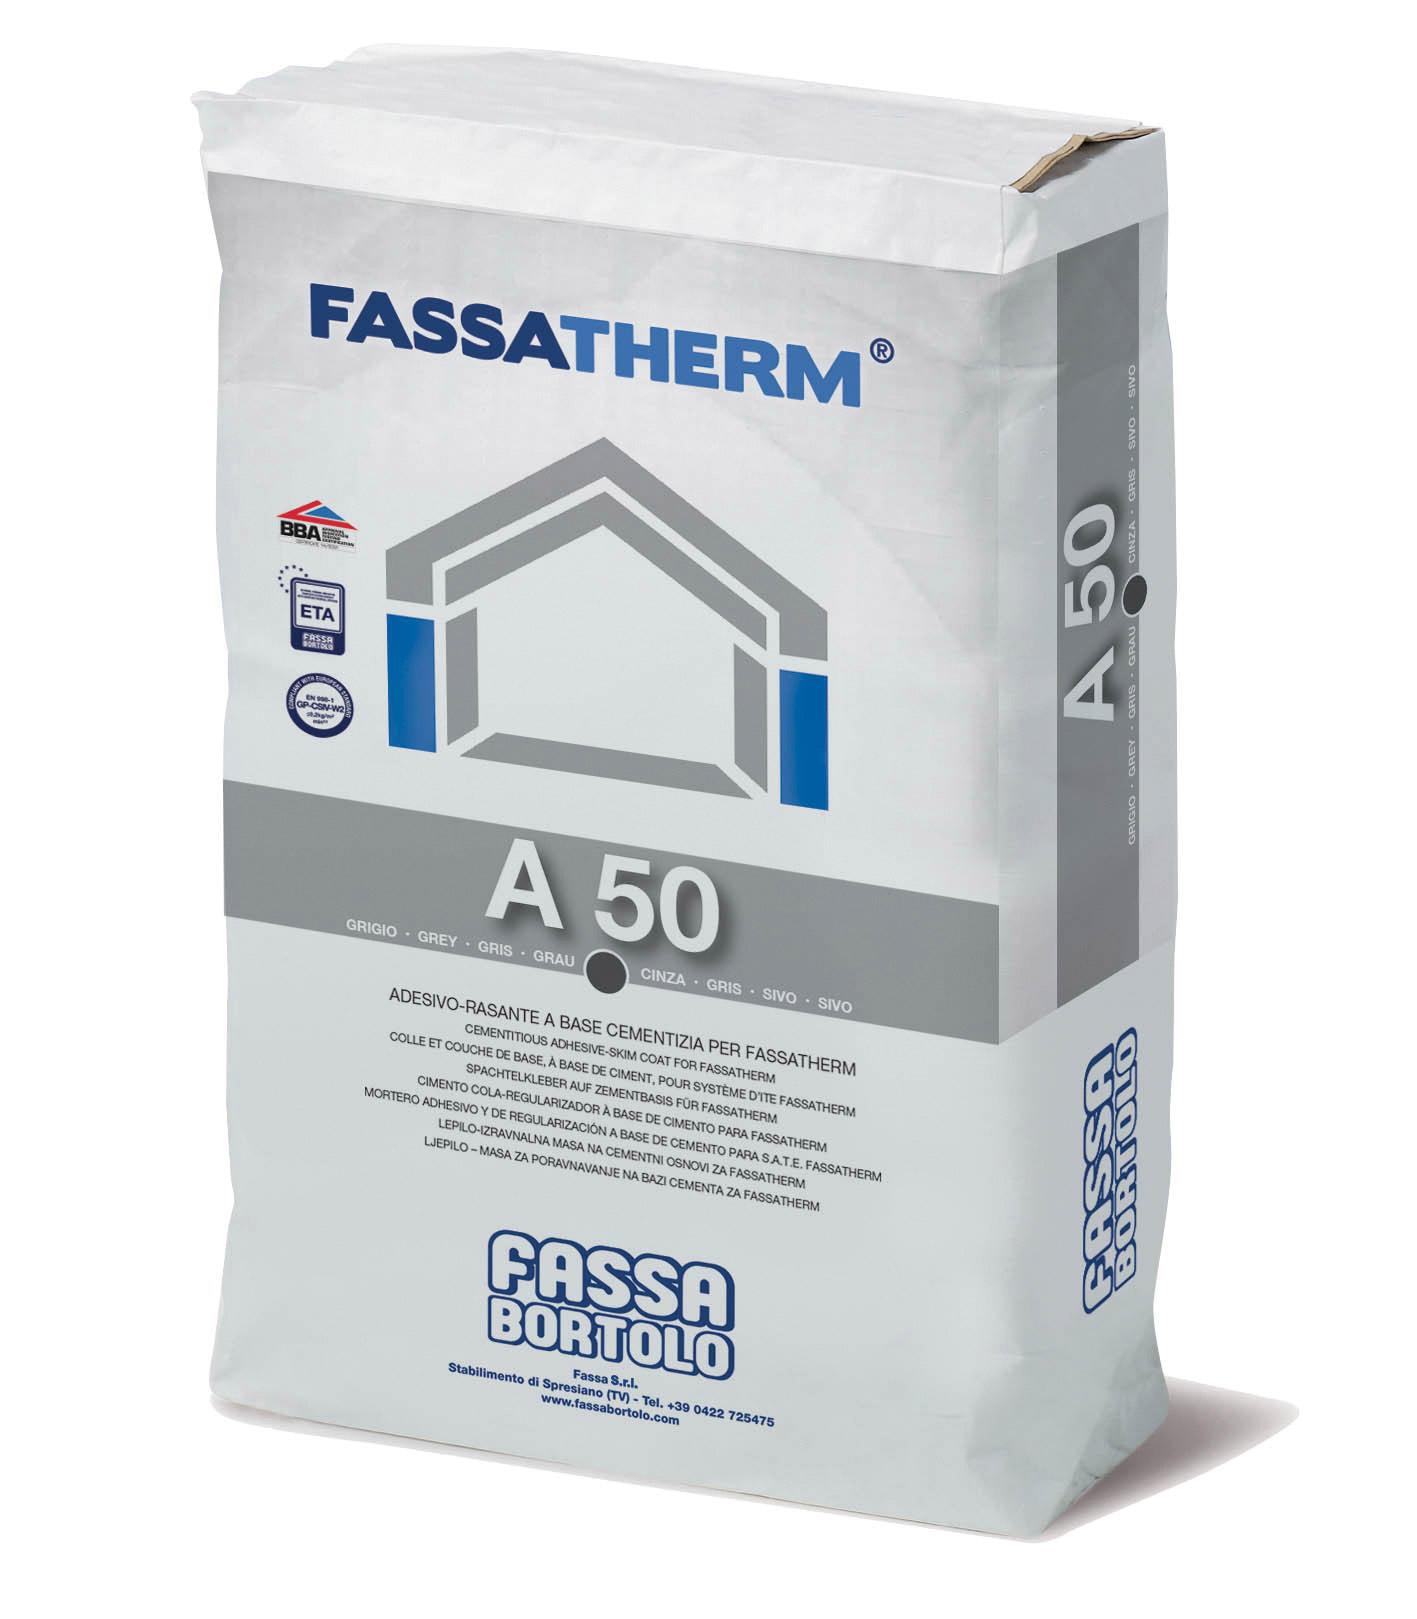 A 50: Cola-Regularizadora de base cimentícia cinzenta de elevado desempenho para Sistemas Fassatherm®